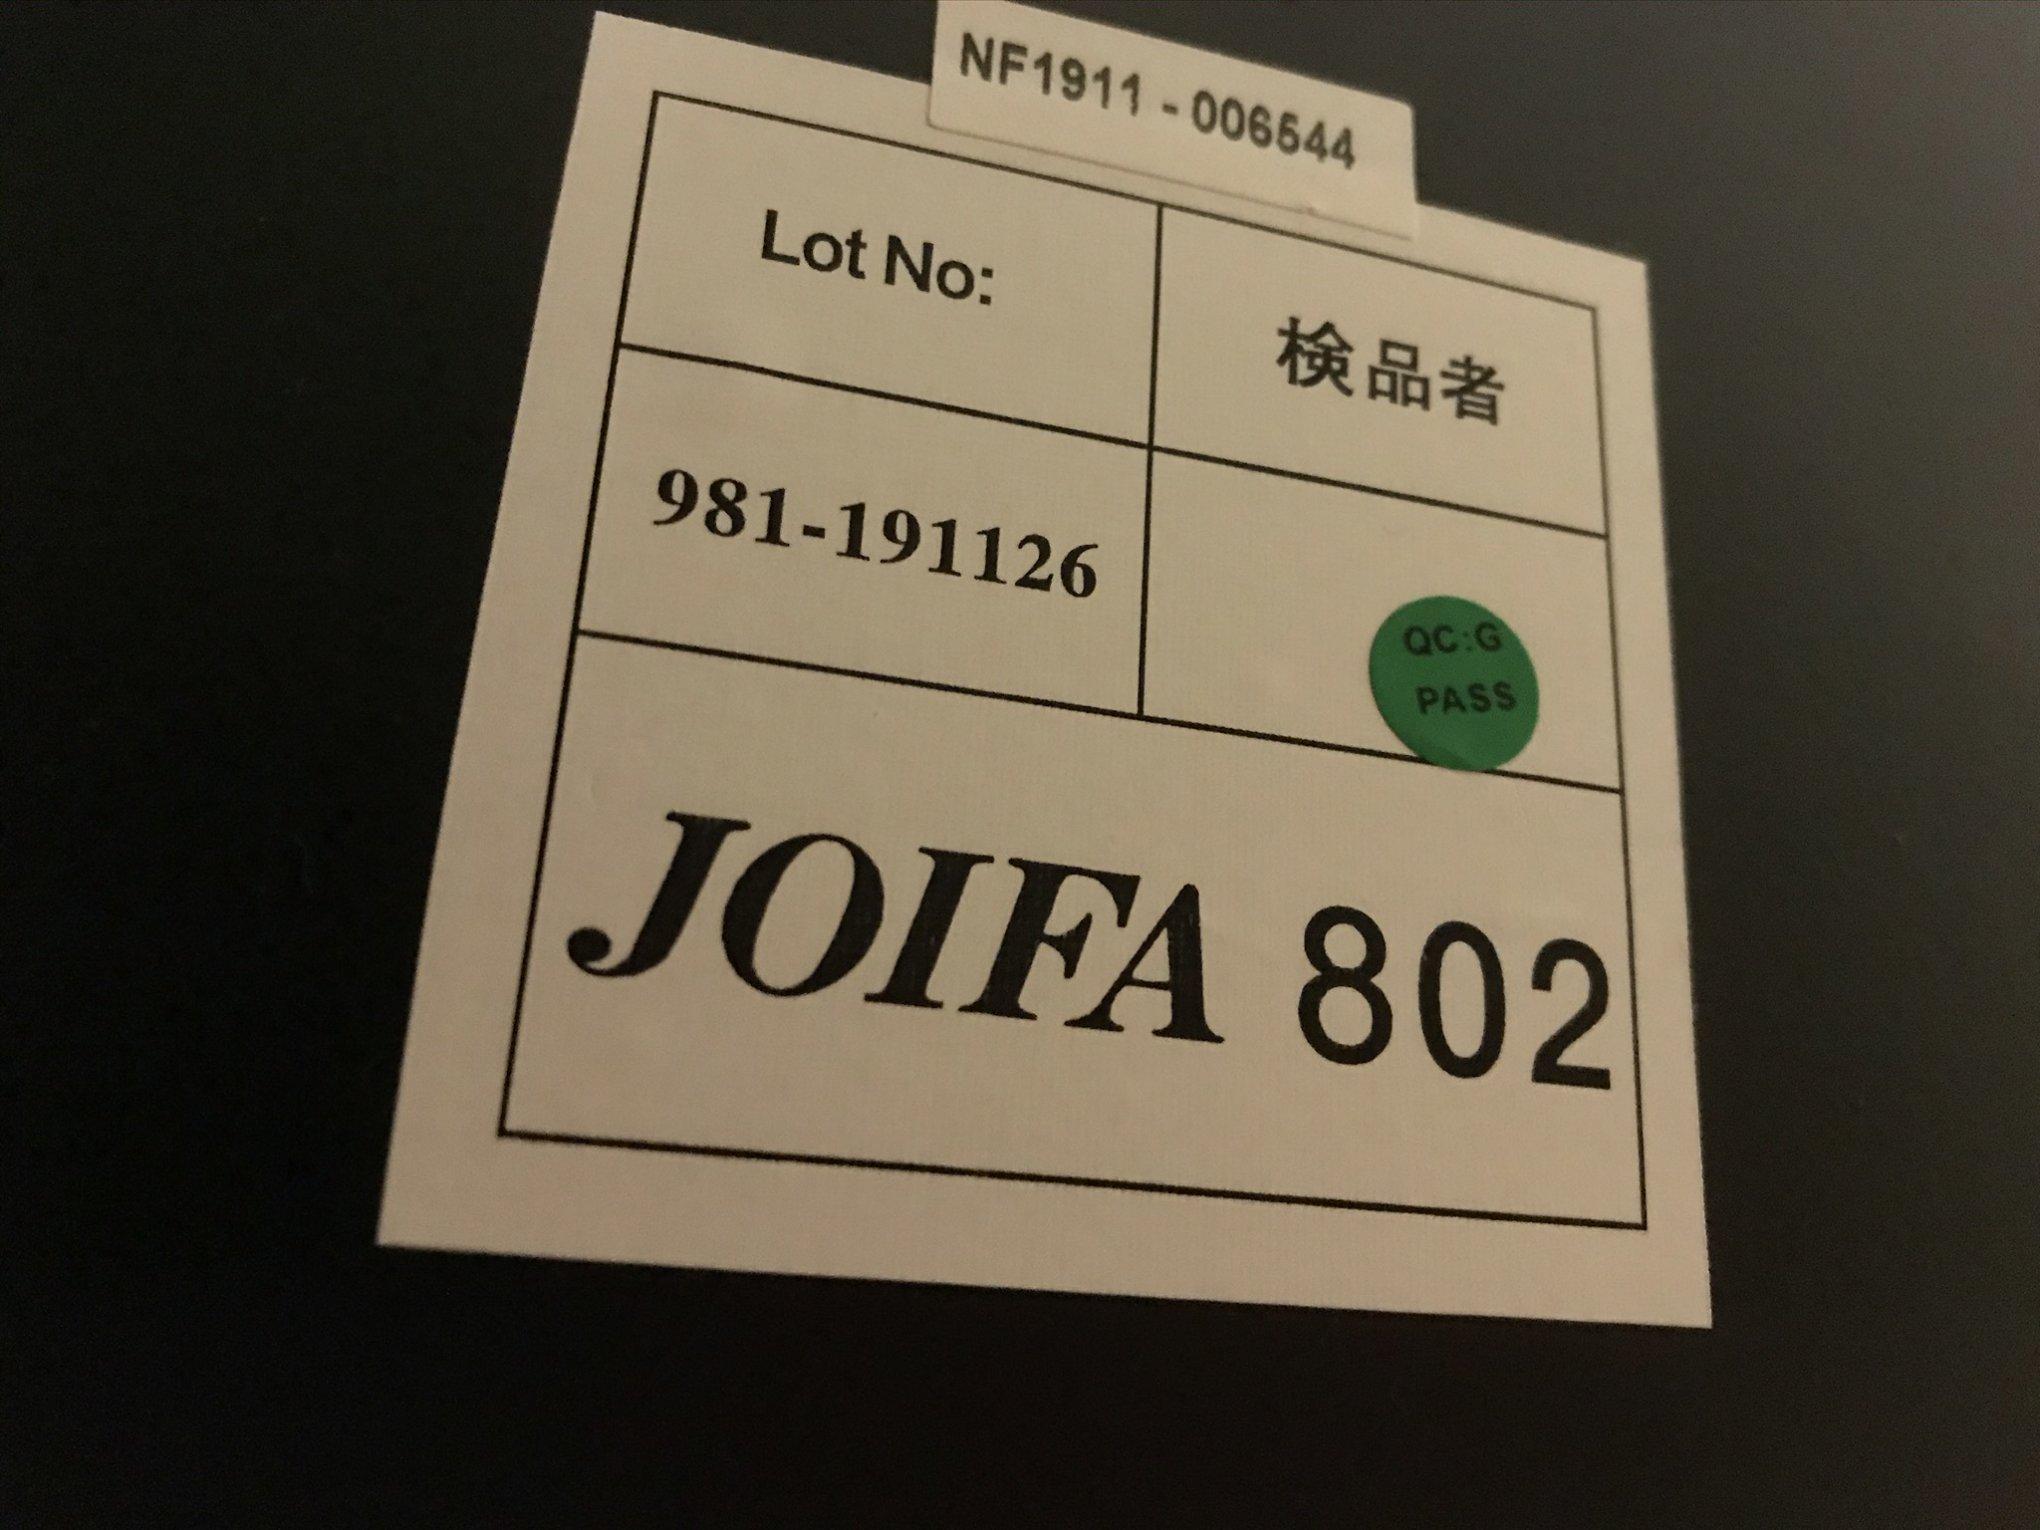 JOIFA802